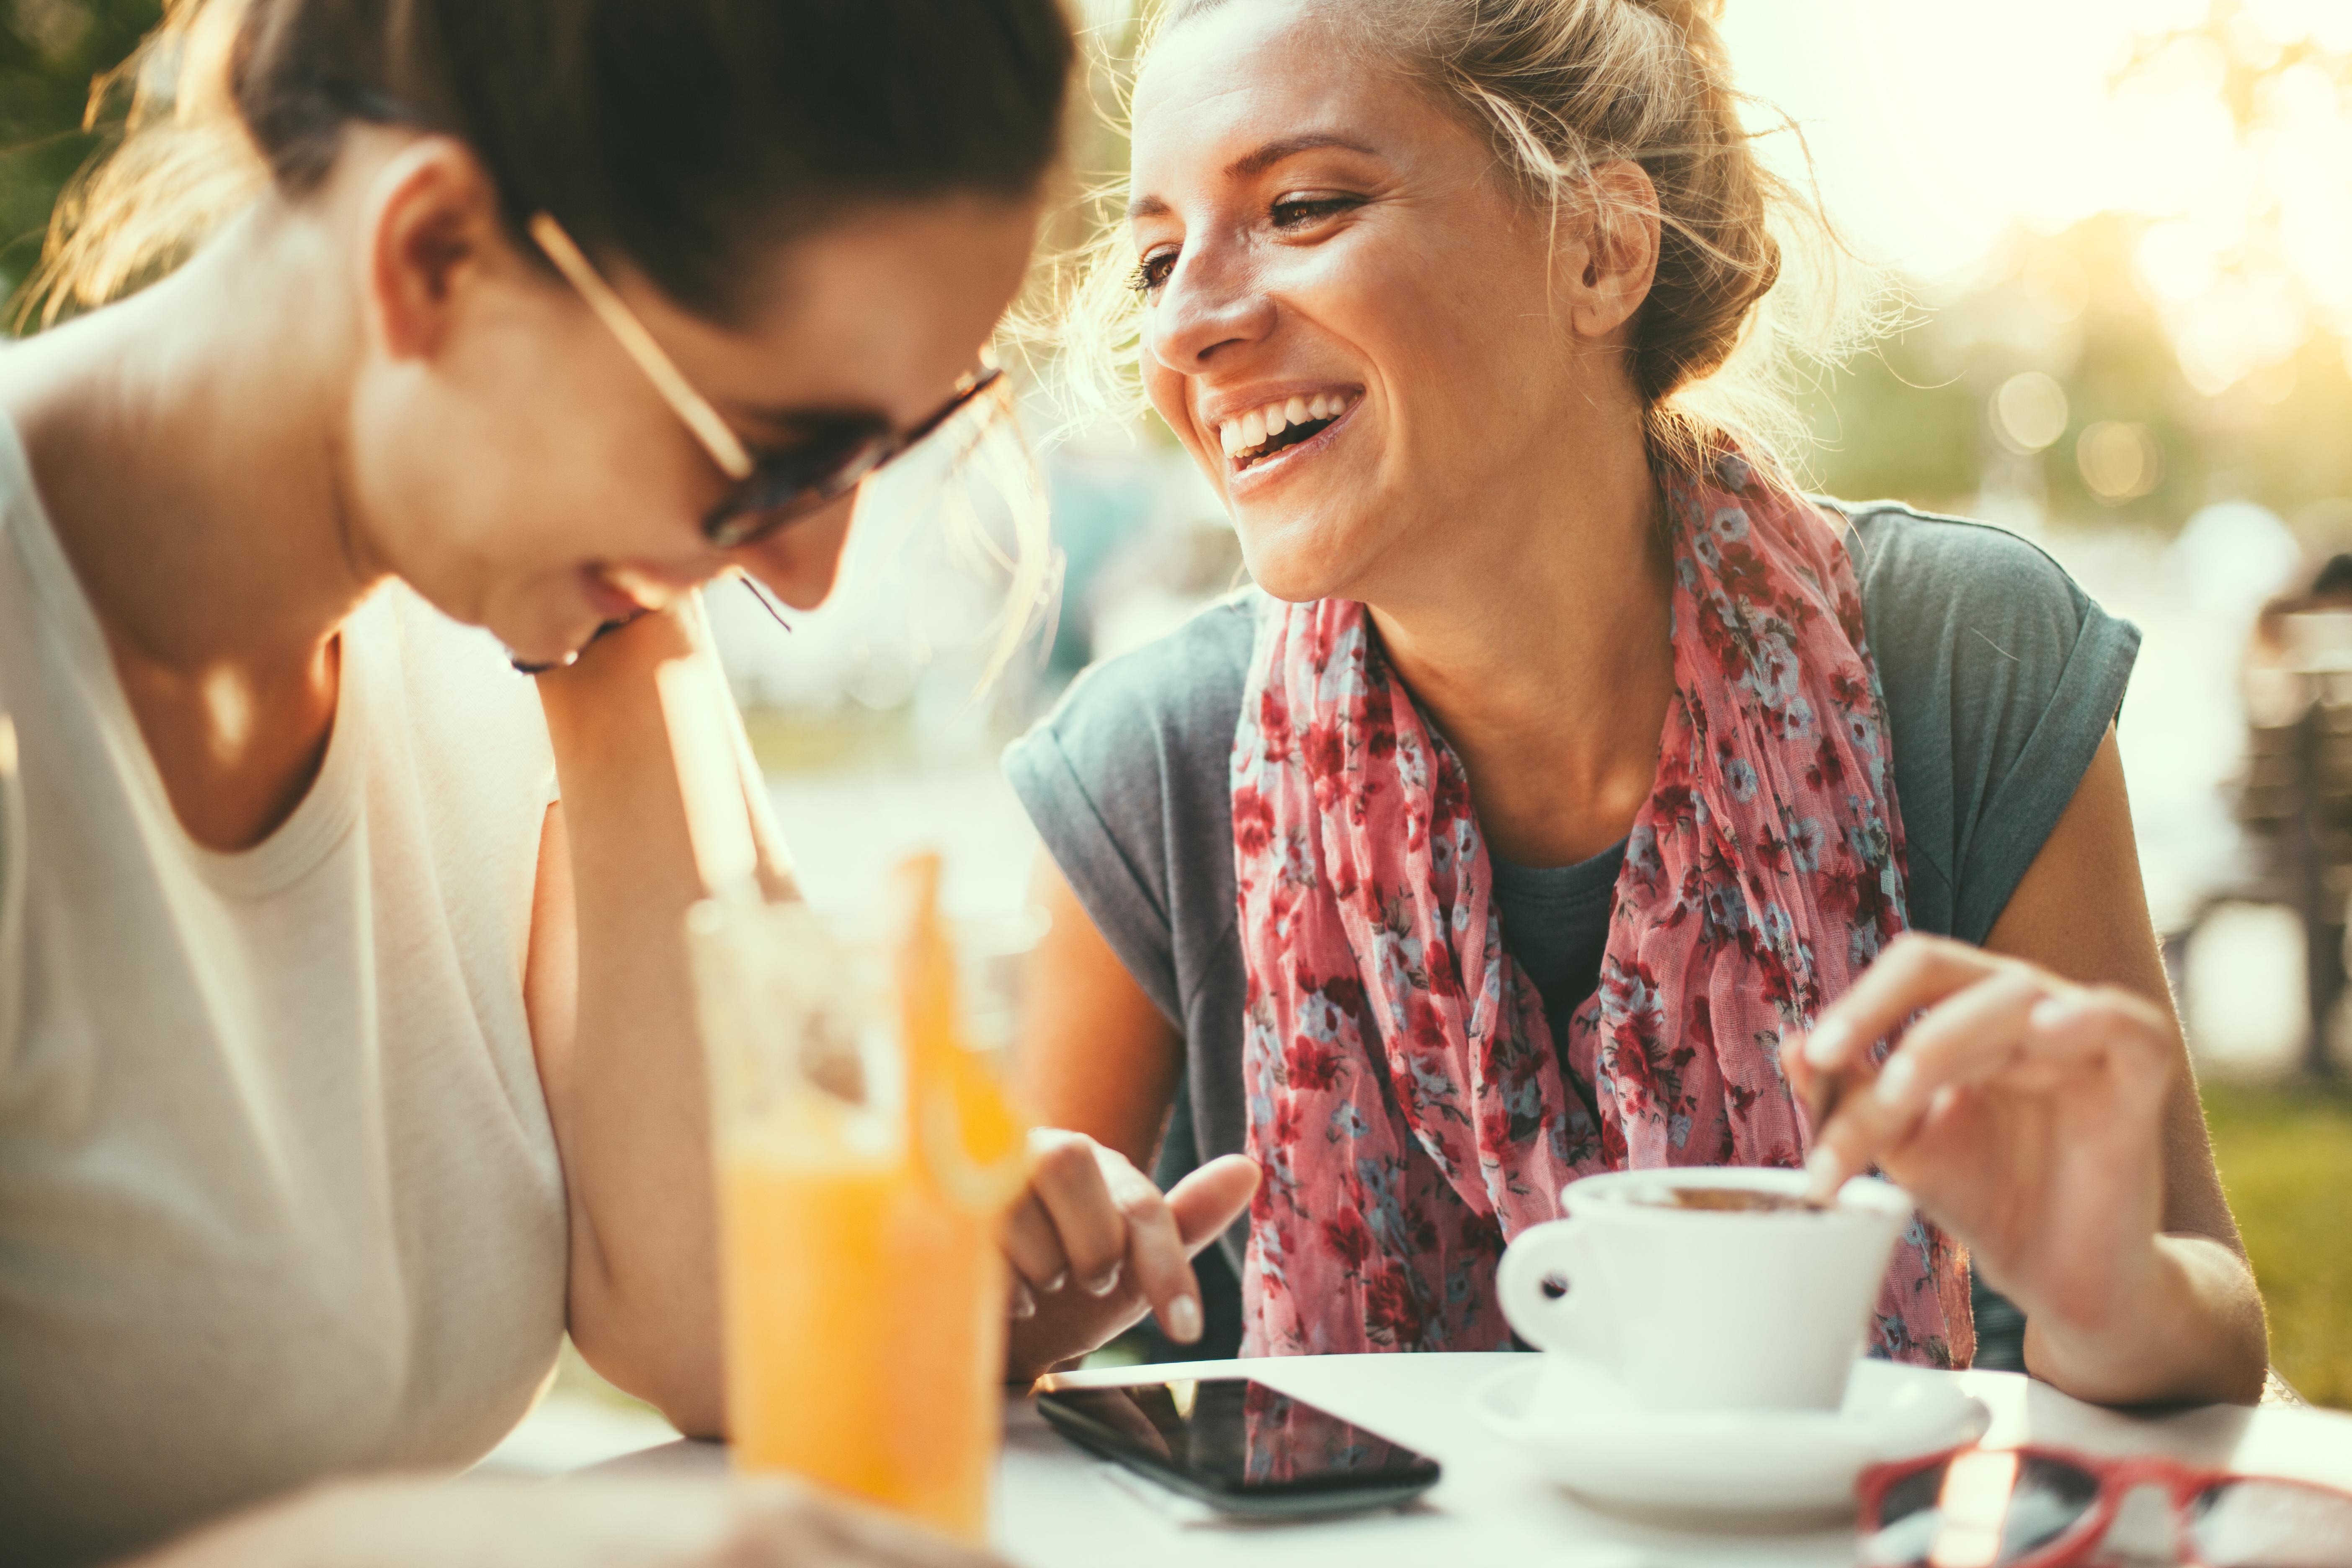 Bästa gratis online dating webbplatser Sydney